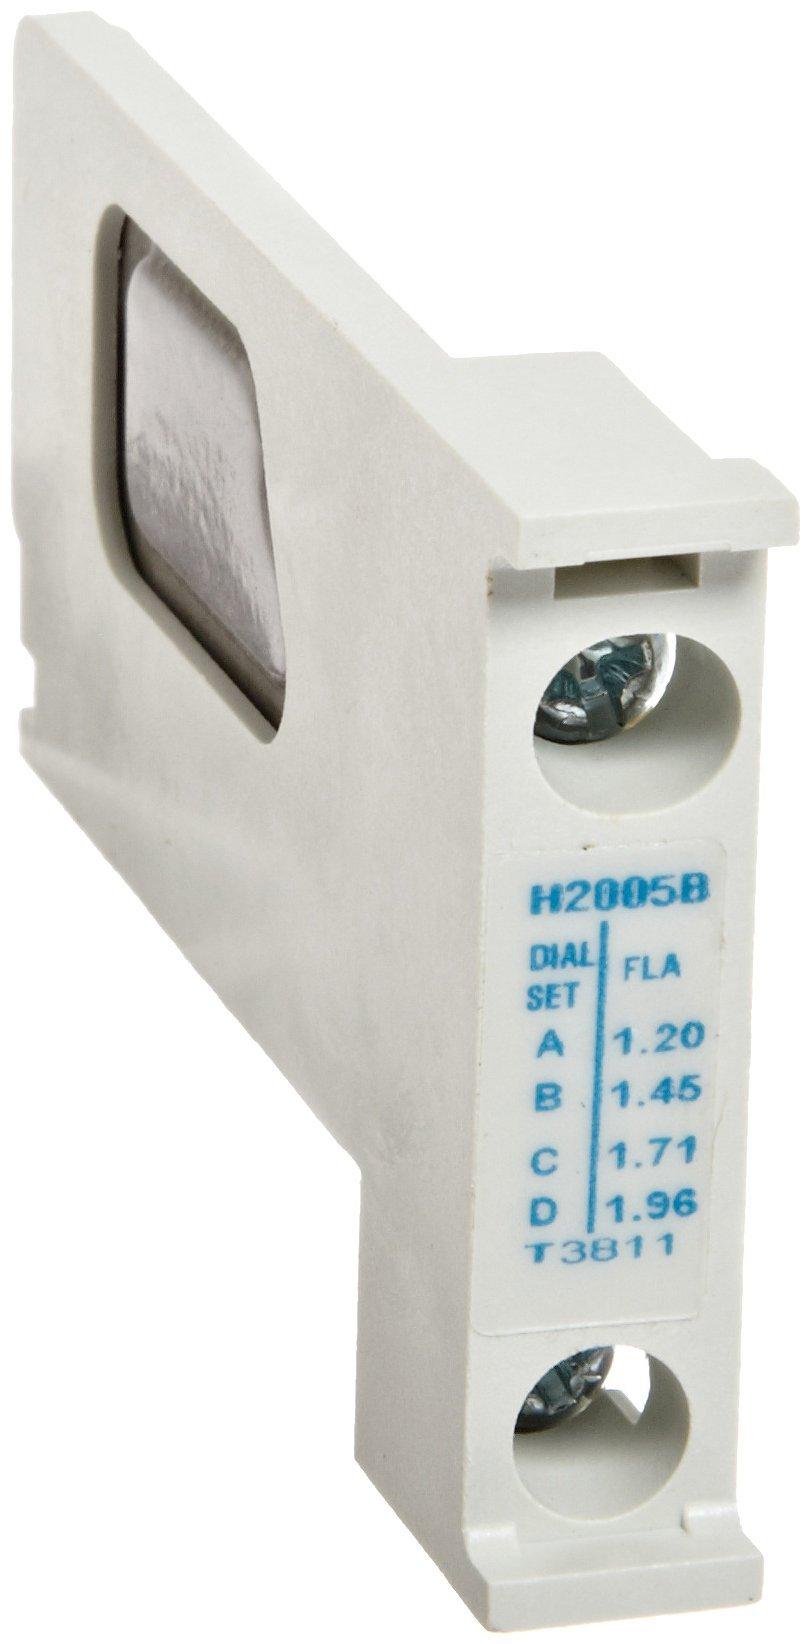 Eaton H2005B-3 Nema Starter Heater Pack, 1.20-1.96 Motor FLA (Pack of 3)